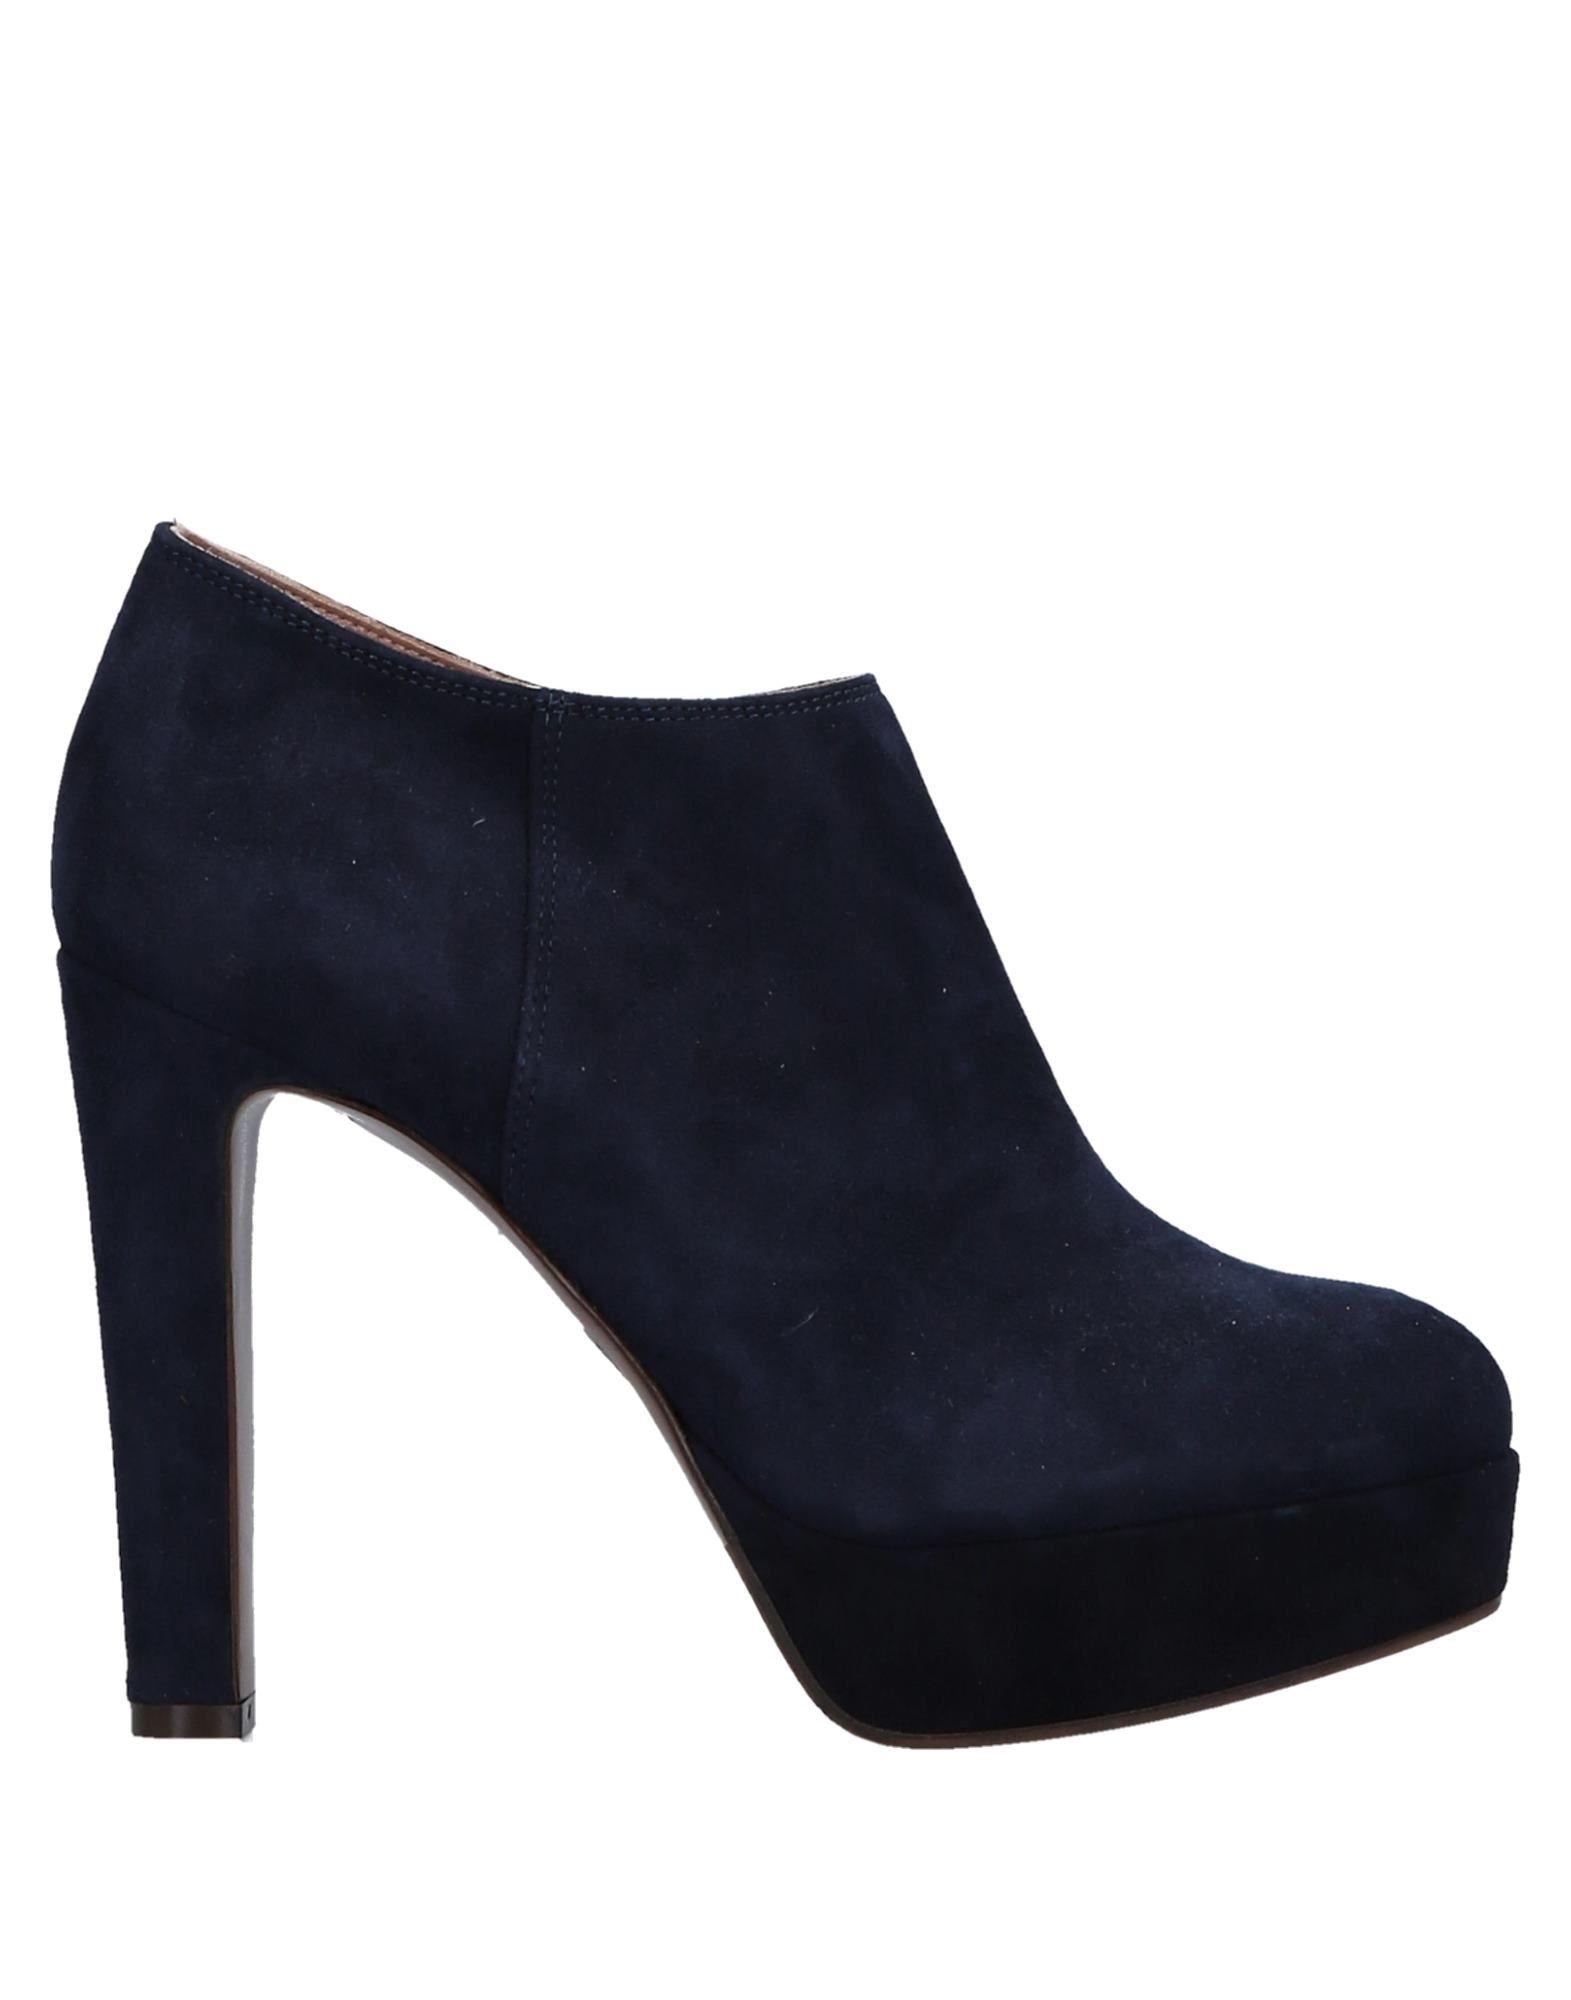 L' Autre Chose Ankle Boot Chose - Women L' Autre Chose Boot Ankle Boots online on  Canada - 11263786VX ee61a6